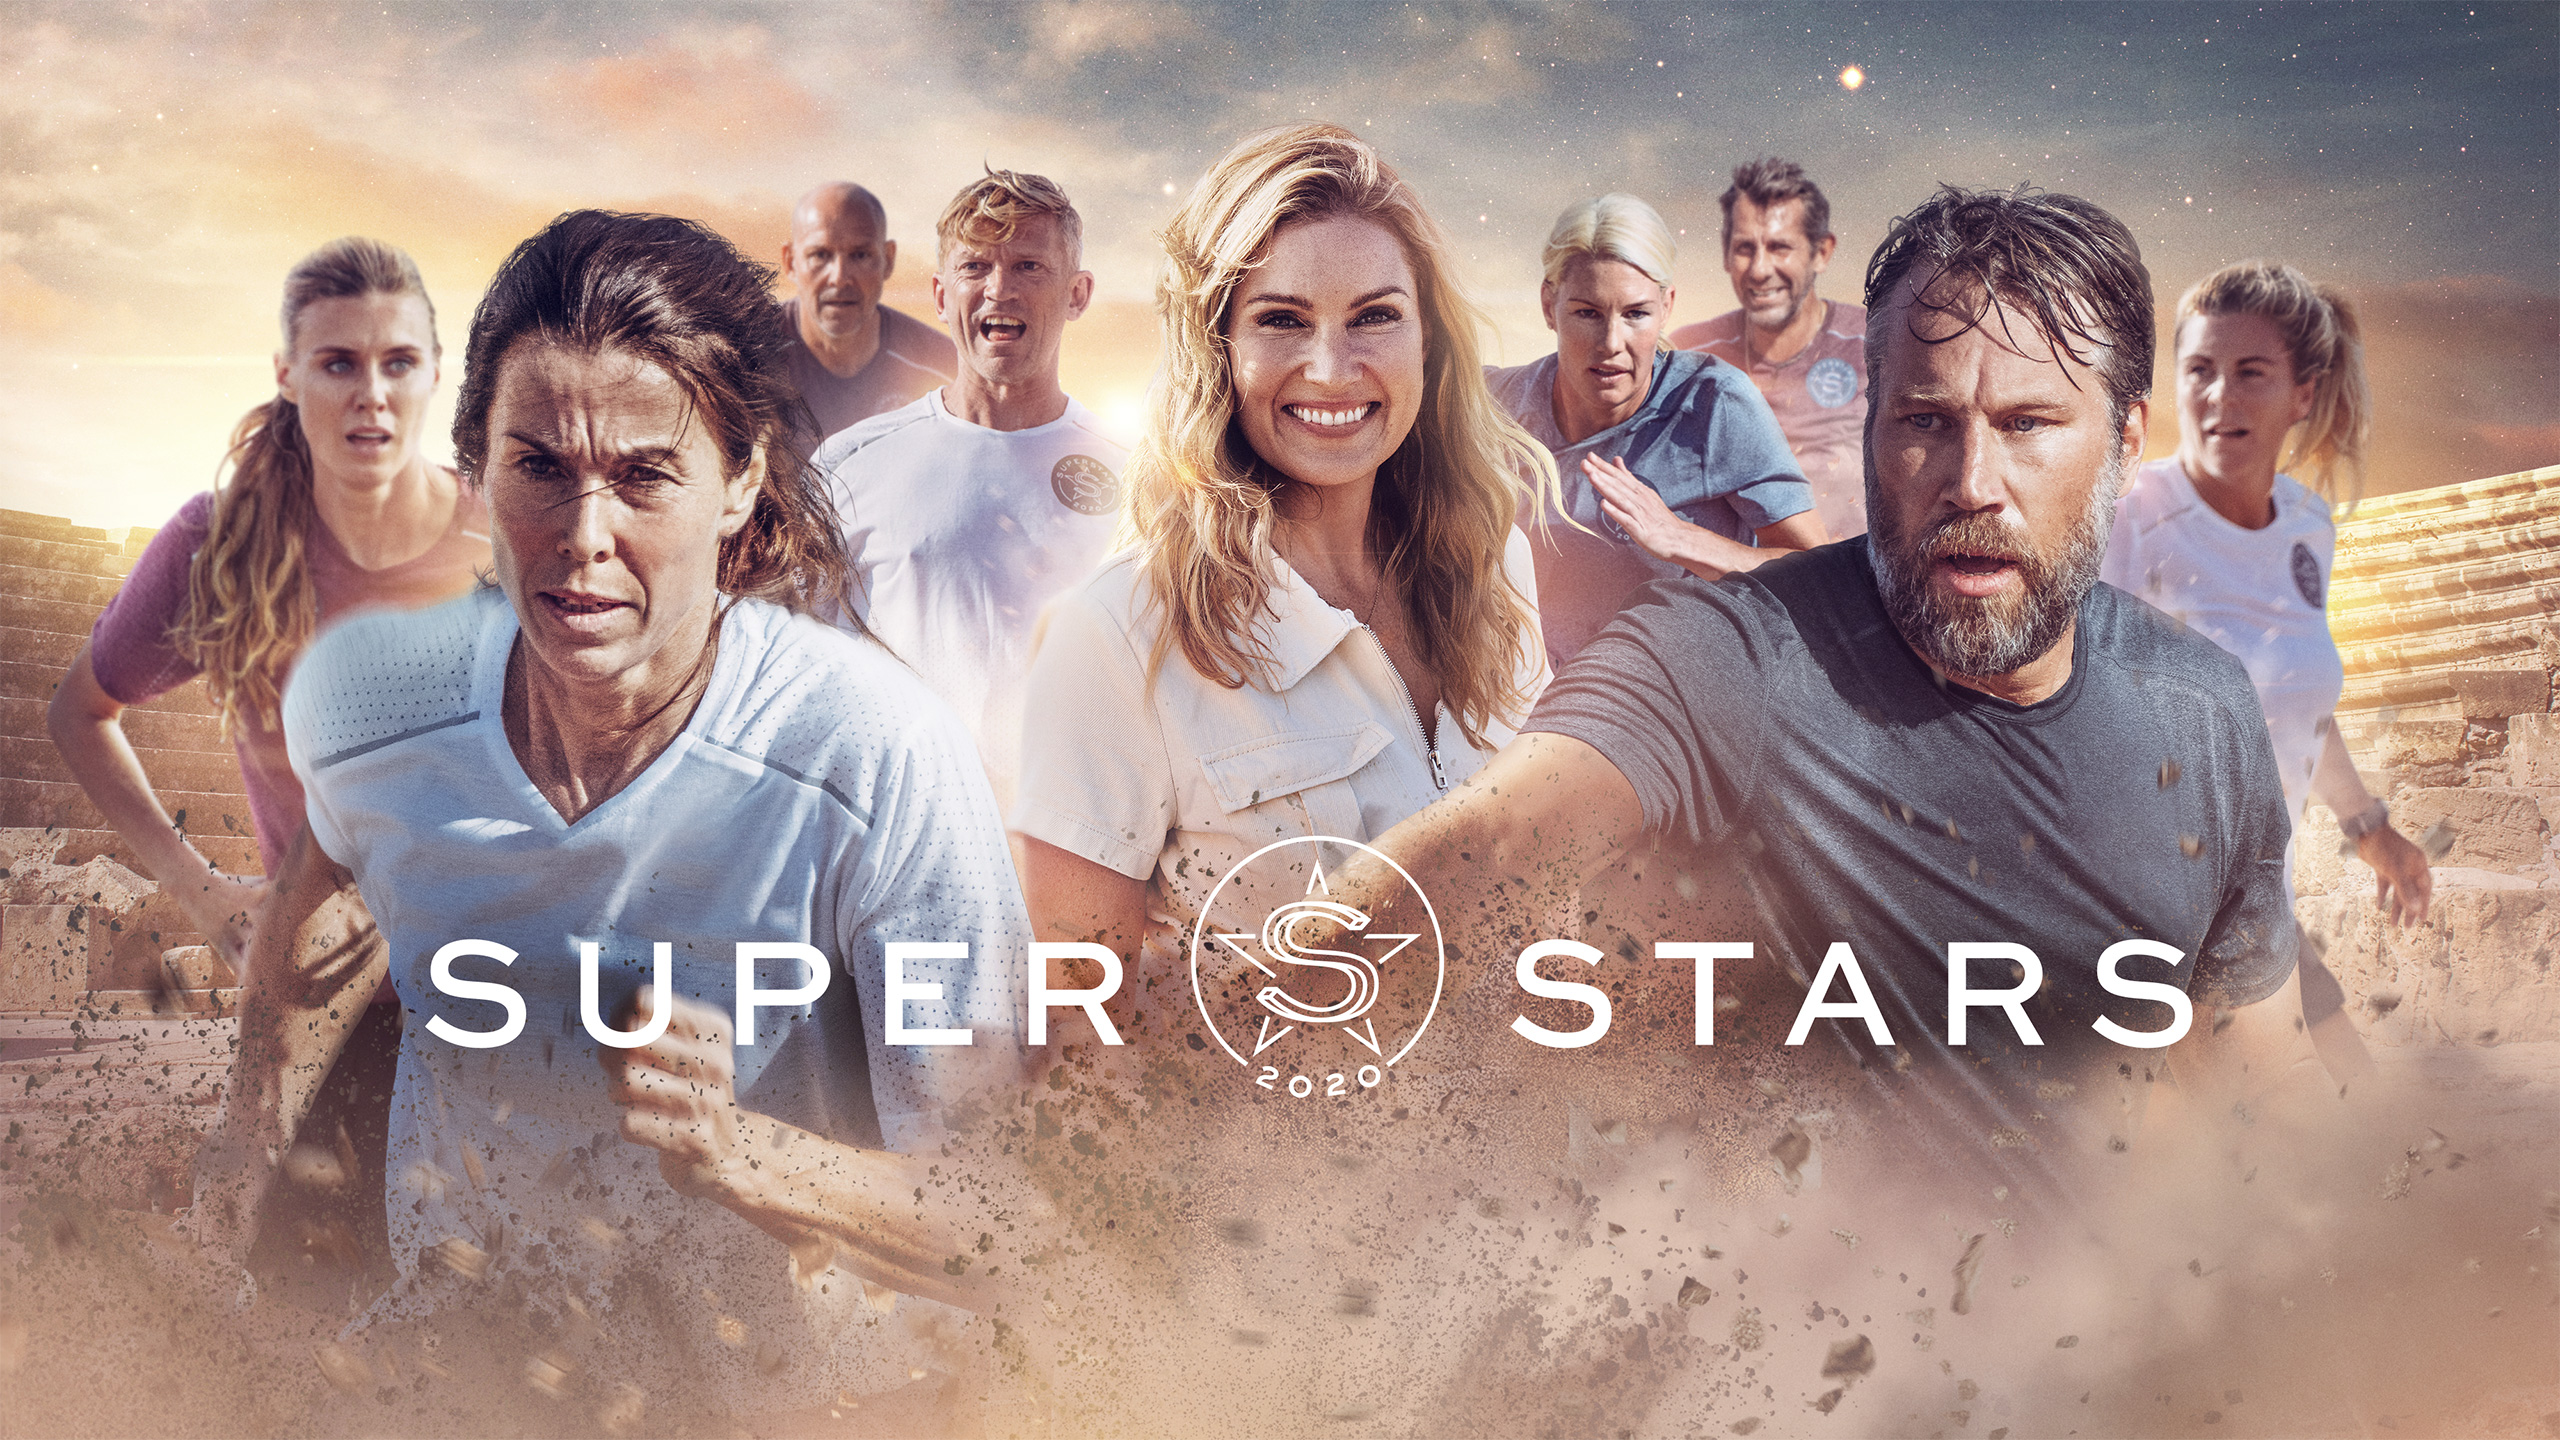 Superstars_grupp